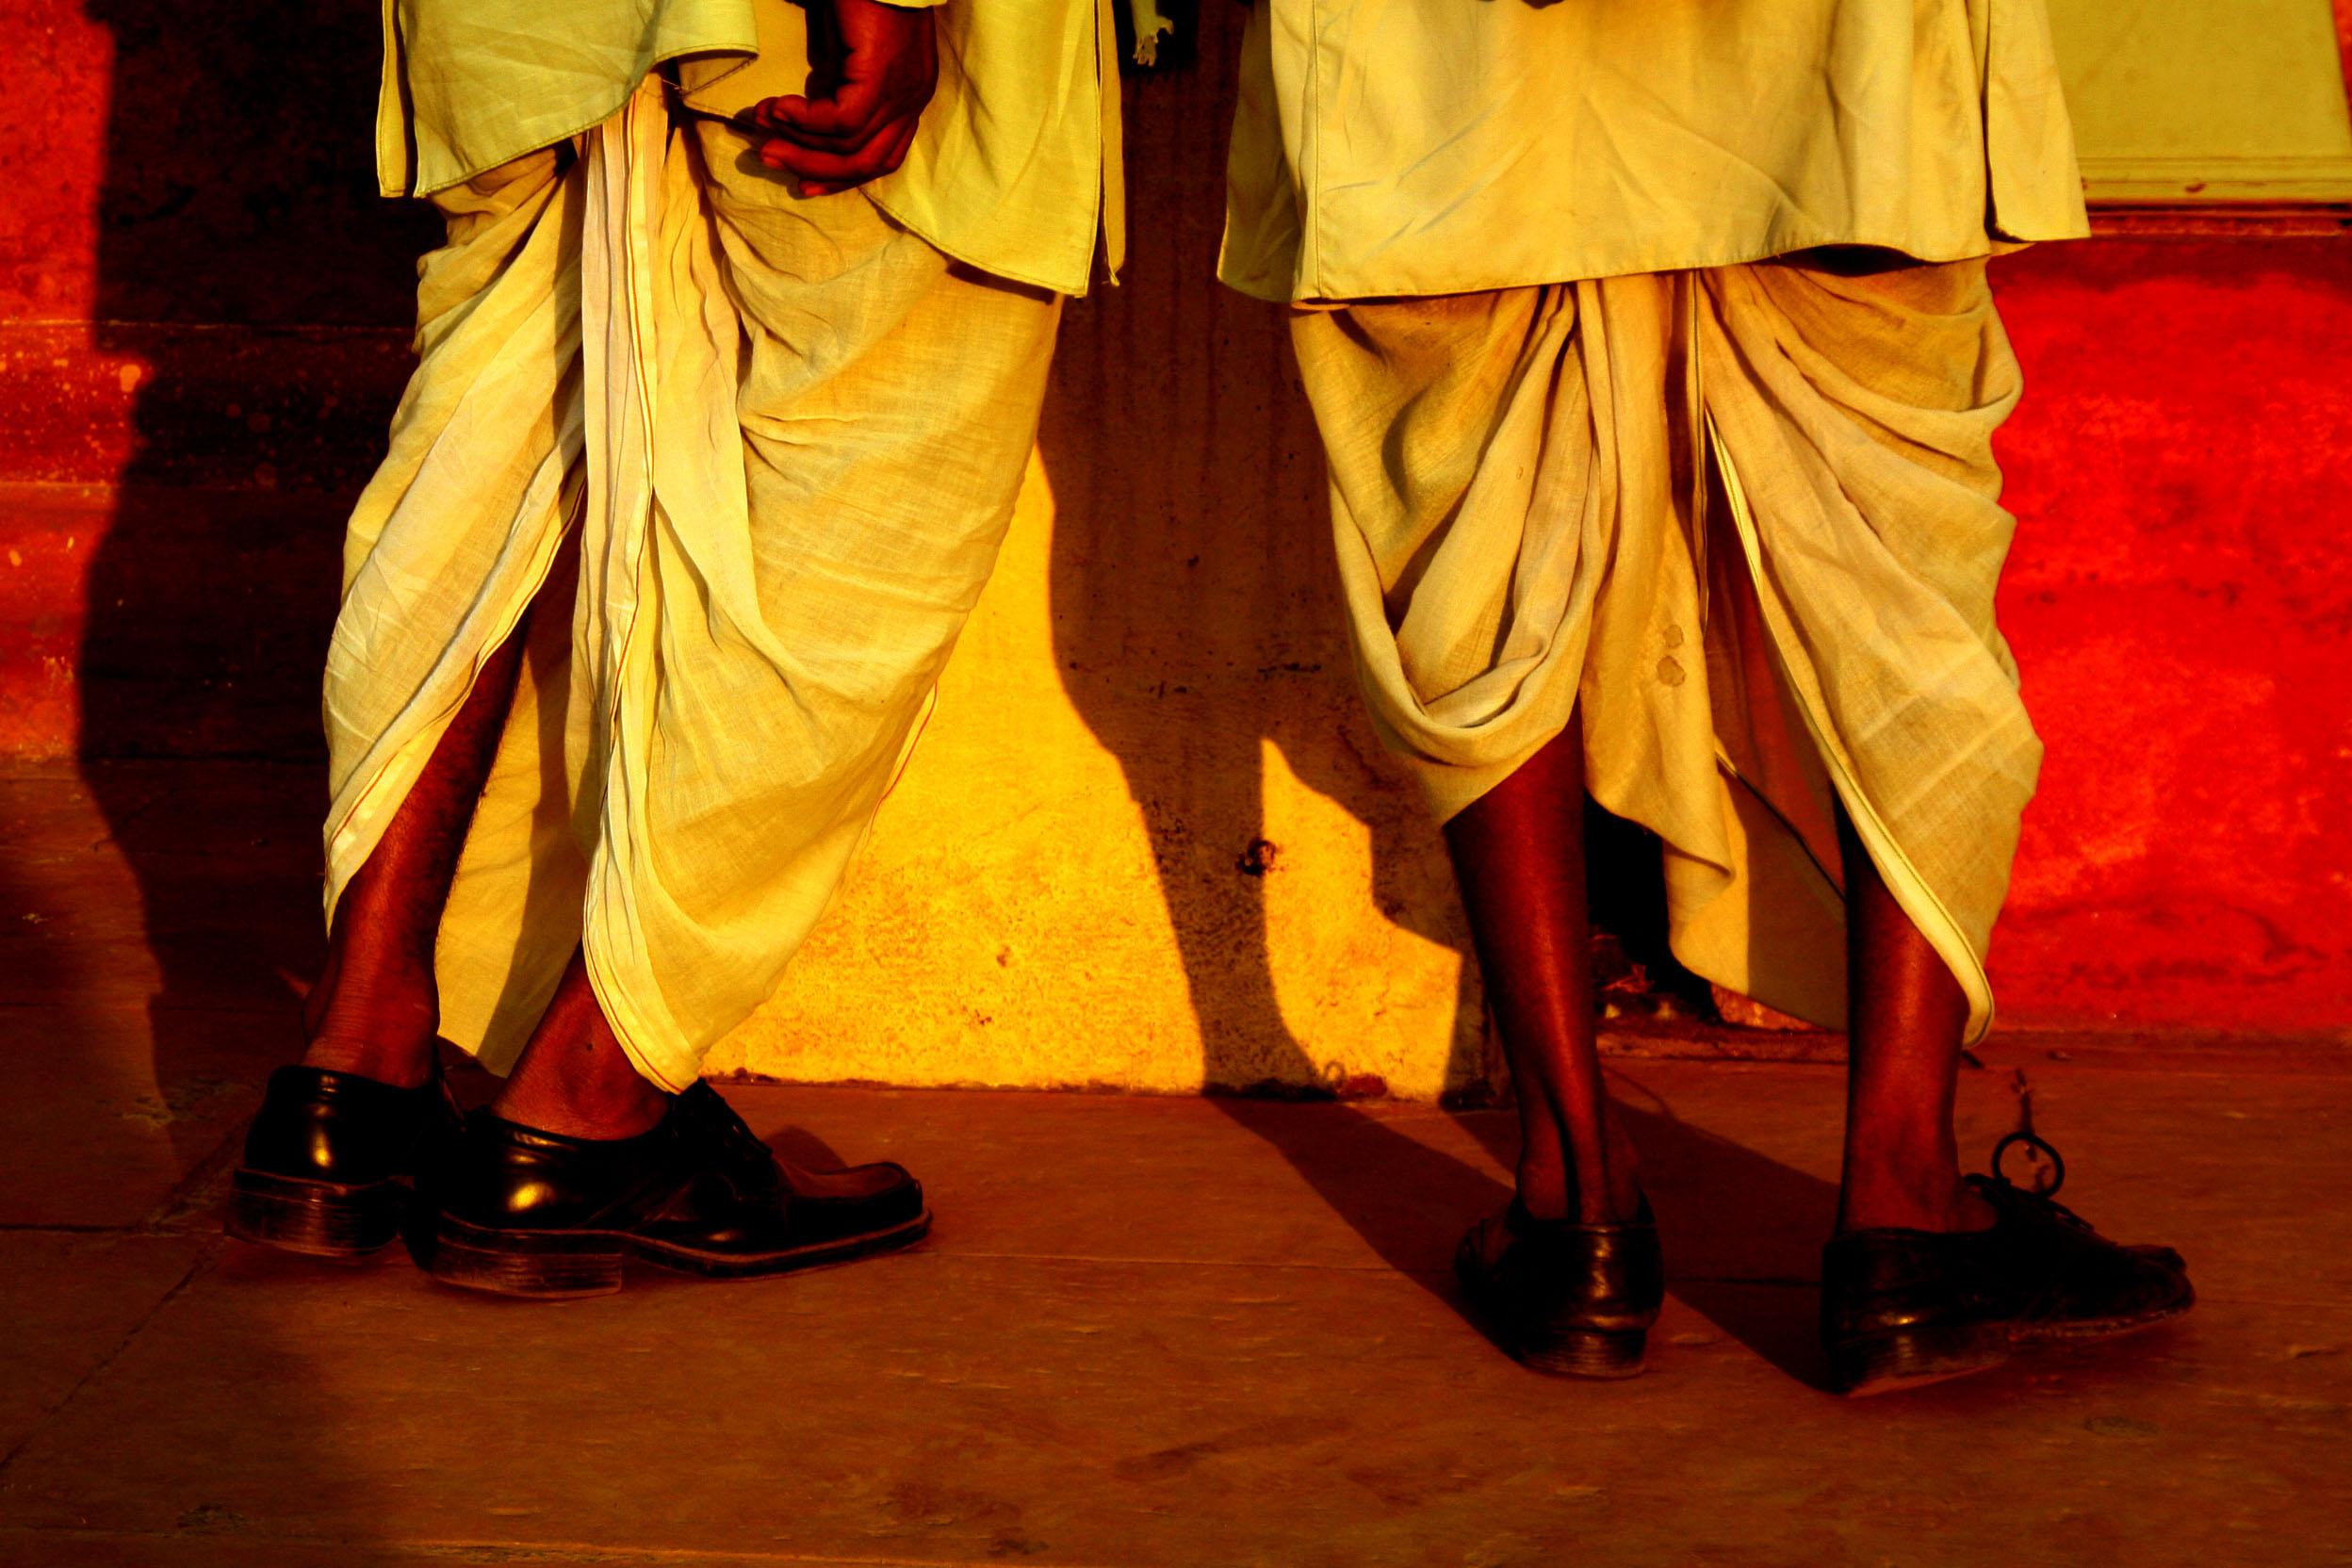 Como Visten Los Hombres En La India Dhoti Khalat Kurta